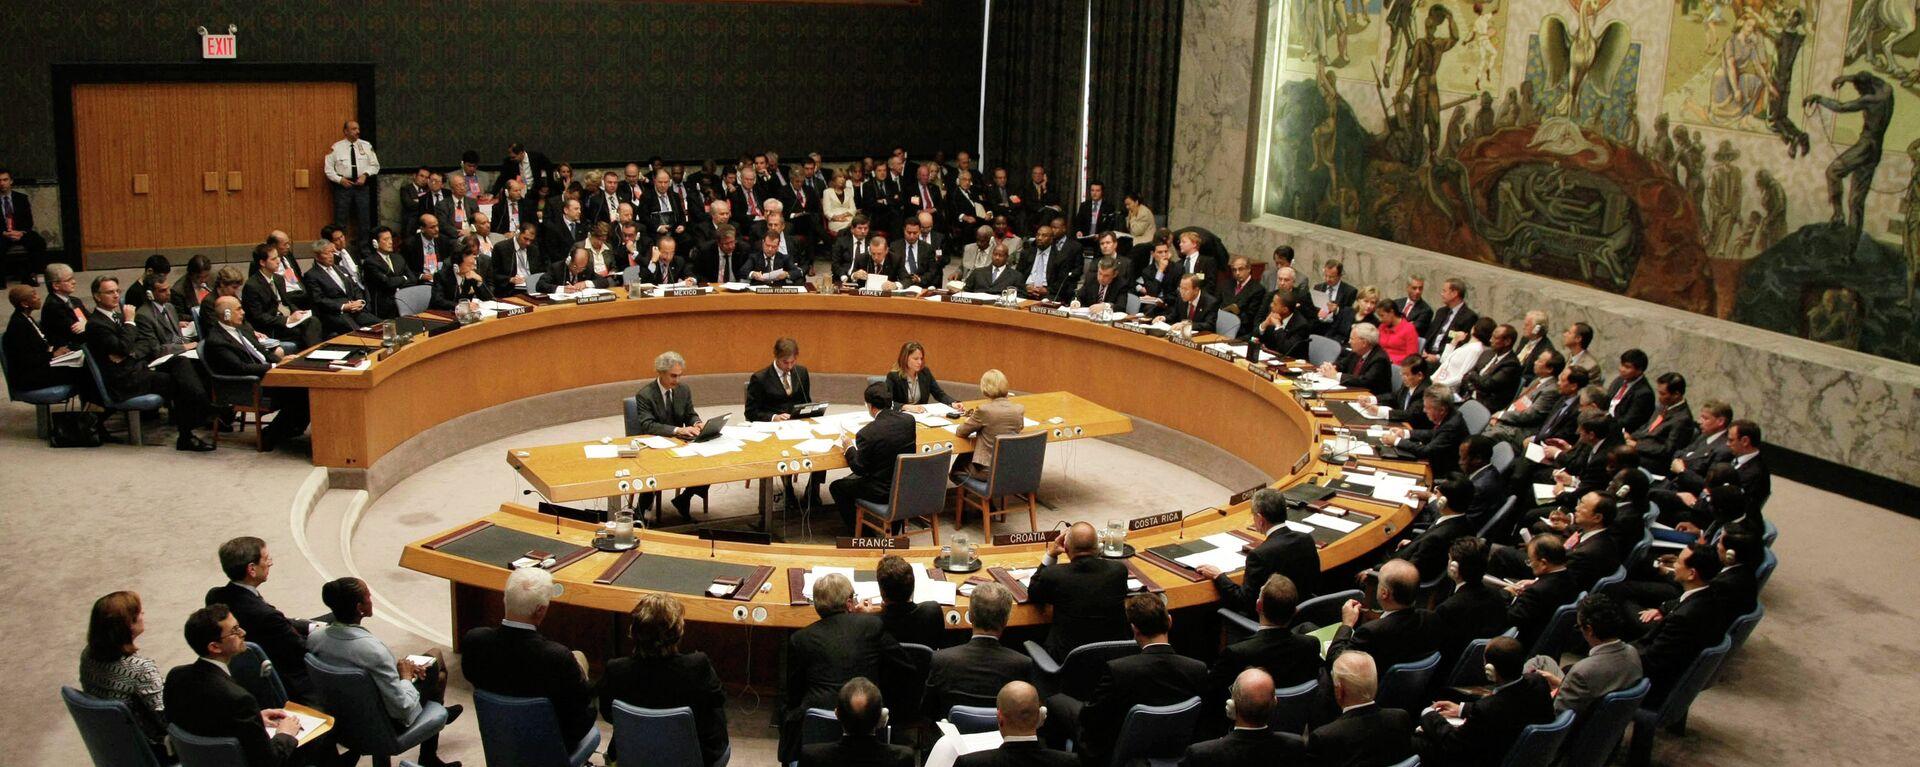 Заседание СБ ООН, архивное фото. - Sputnik Тоҷикистон, 1920, 22.09.2021